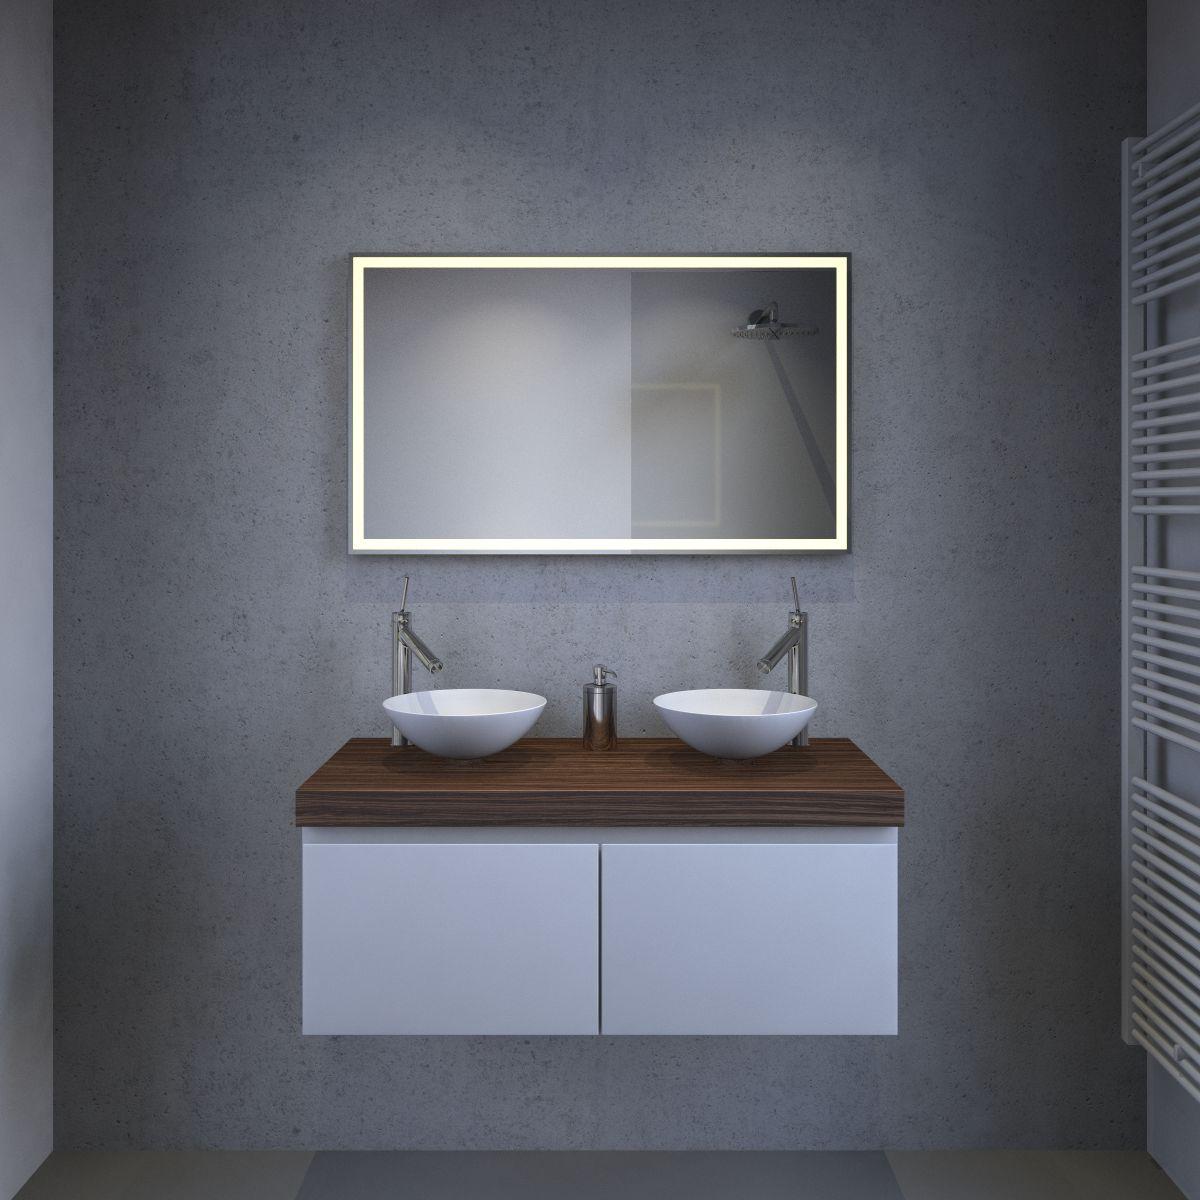 badkamer led spiegel met verwarming en sensor 100x60 cm. Black Bedroom Furniture Sets. Home Design Ideas